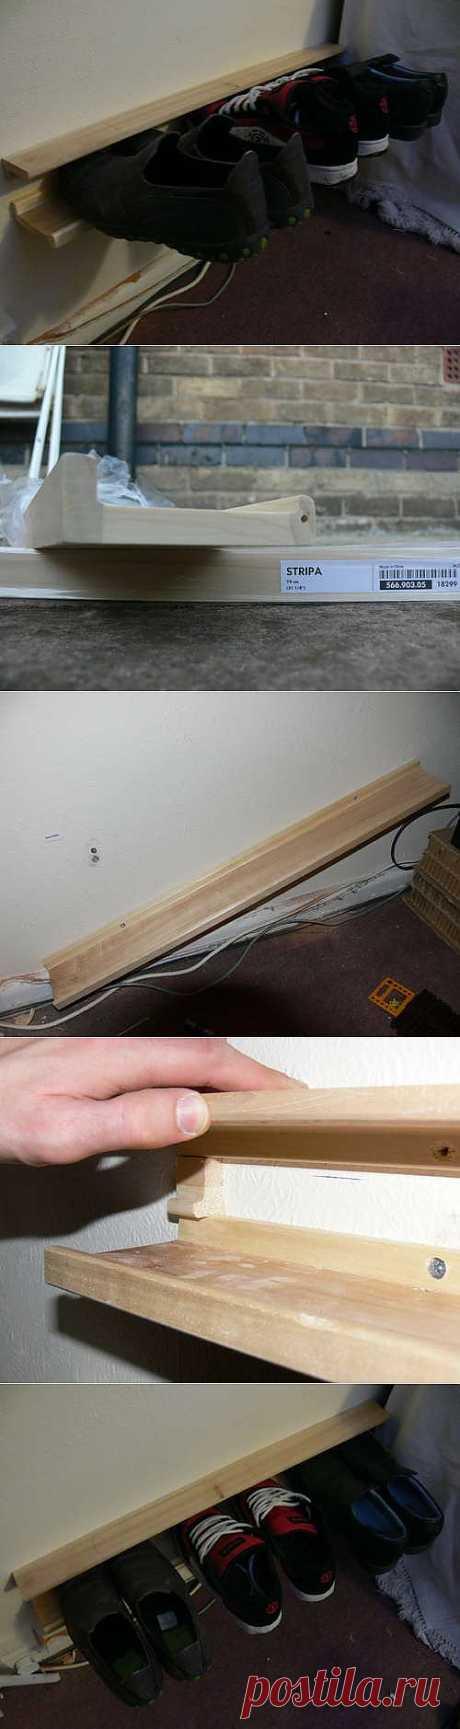 Как сделать настенный держатель для обуви / KNITLY.com - блог о рукоделии